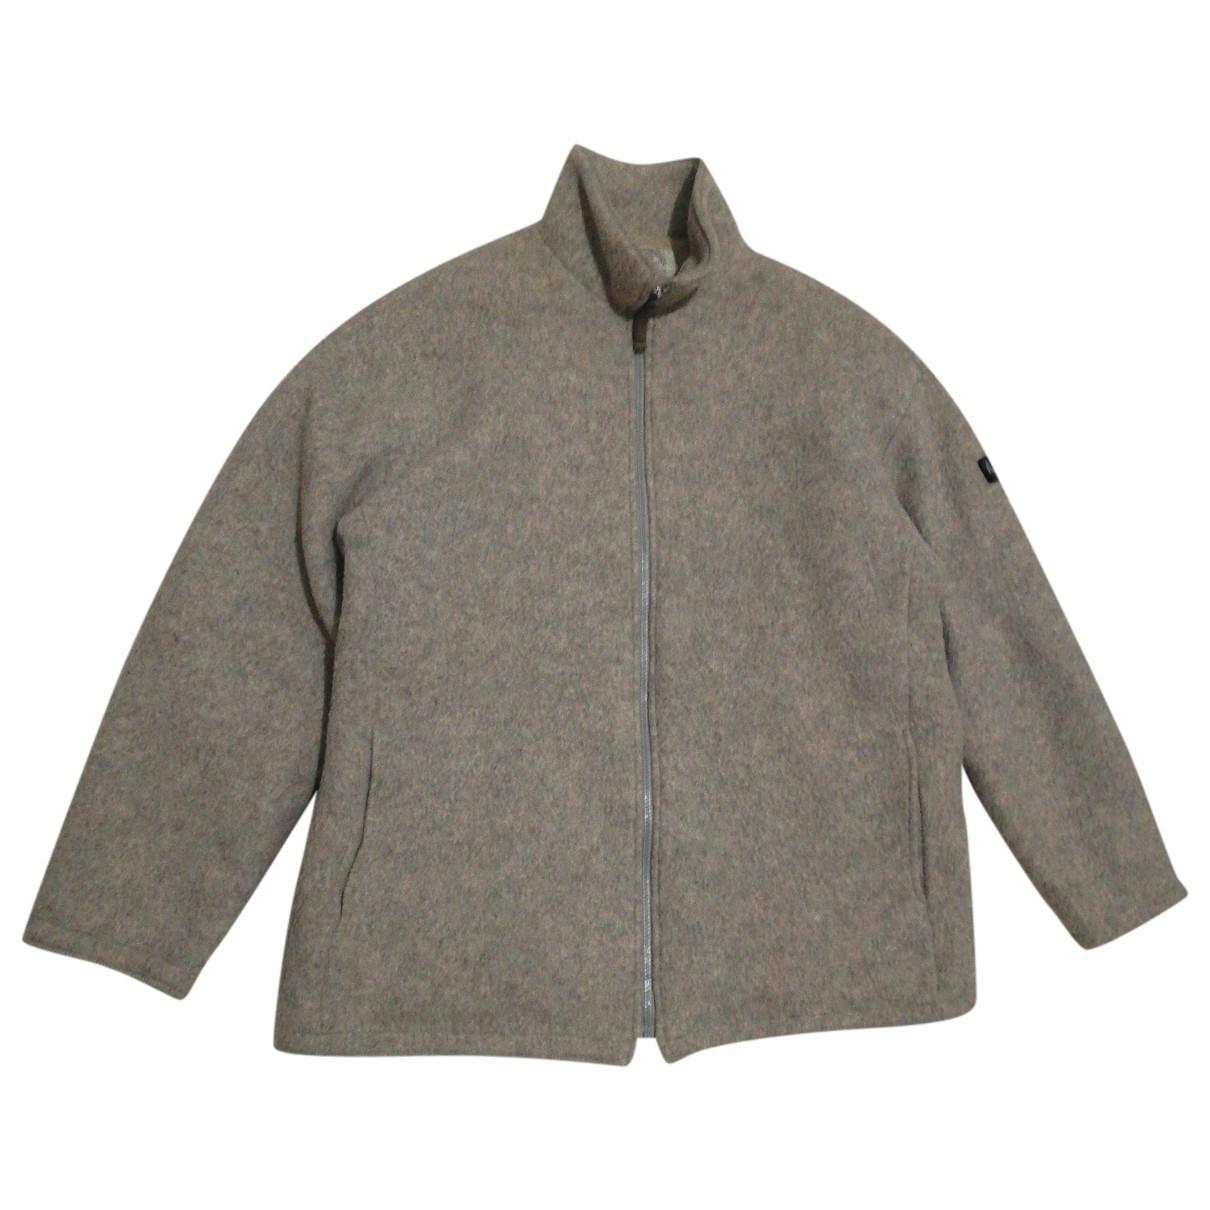 Armani Jean - Vestes.Blousons   pour homme en laine - gris